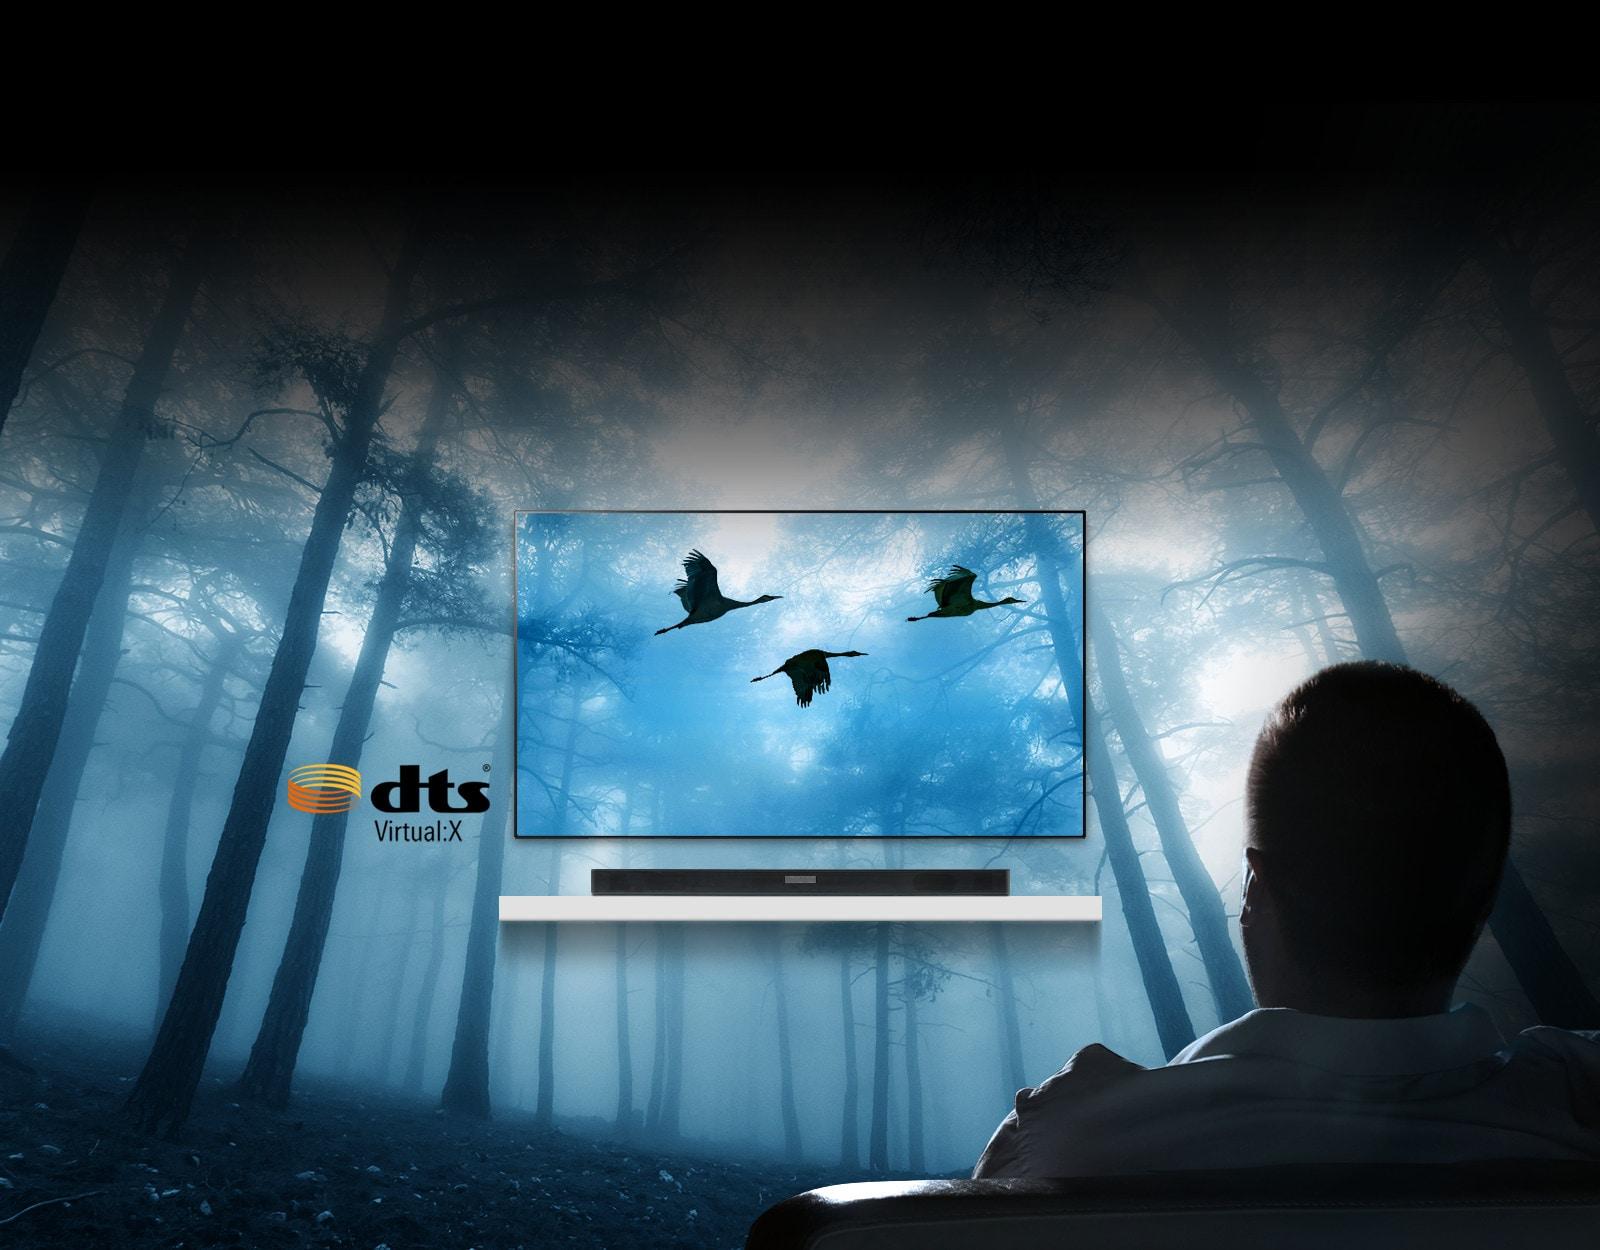 Une compatibilité DTS Virtual X époustouflante